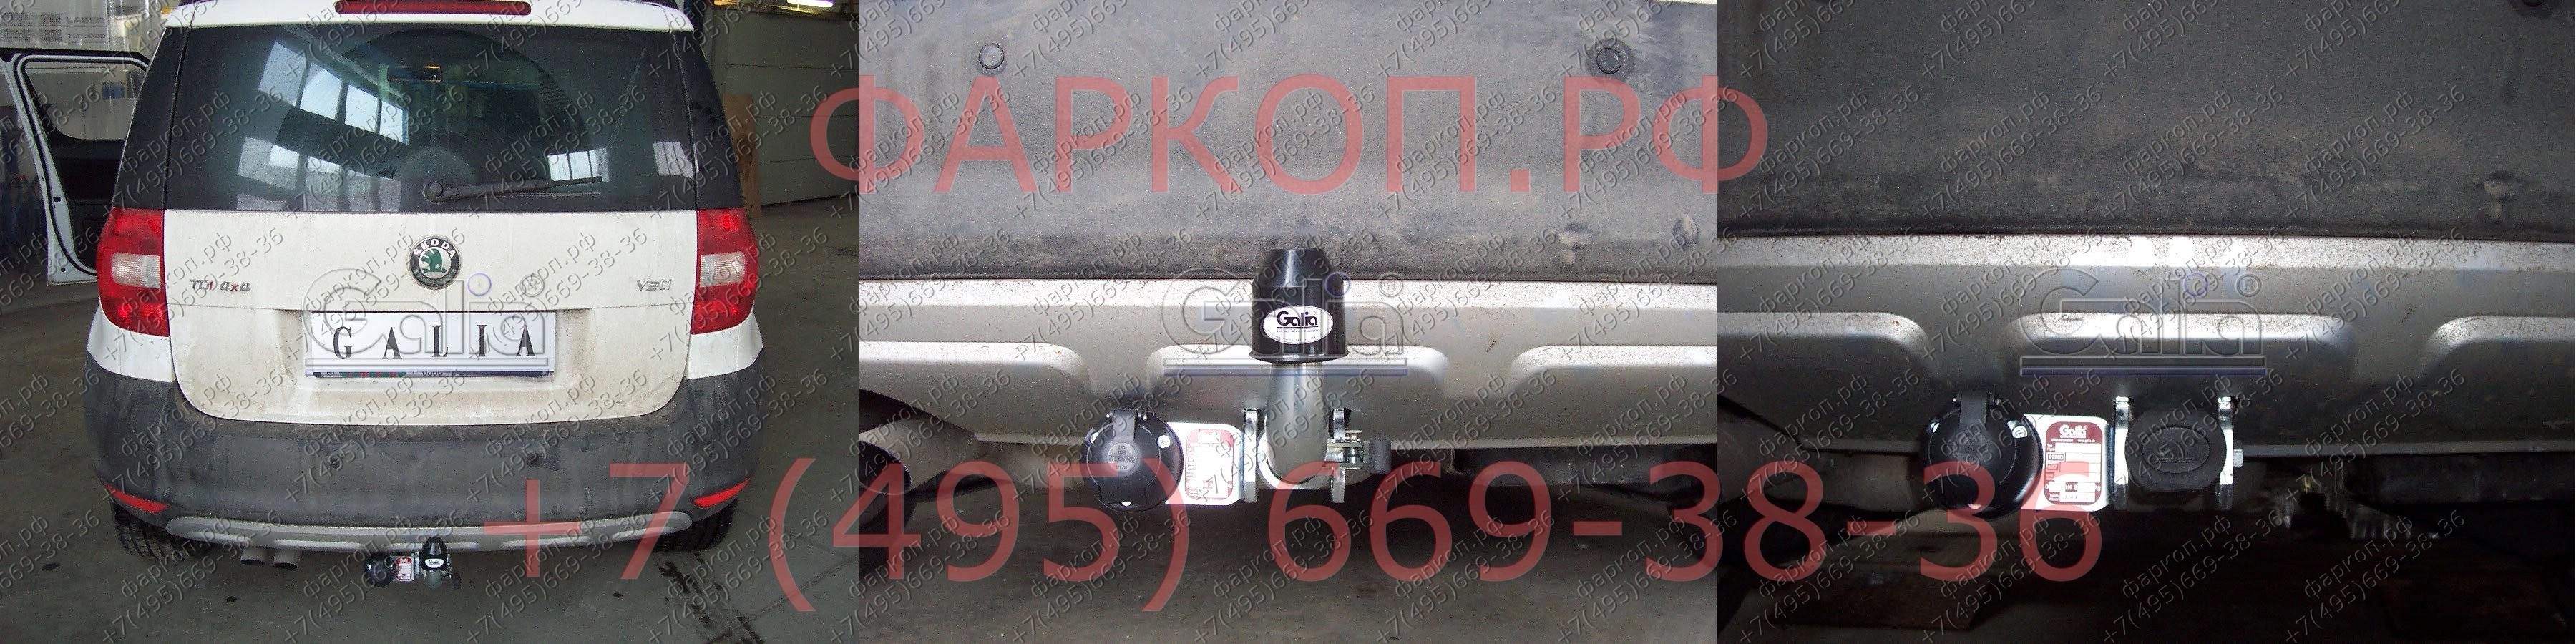 2 - Установка фapкoпов на аавтомобили, примеры работ с 97